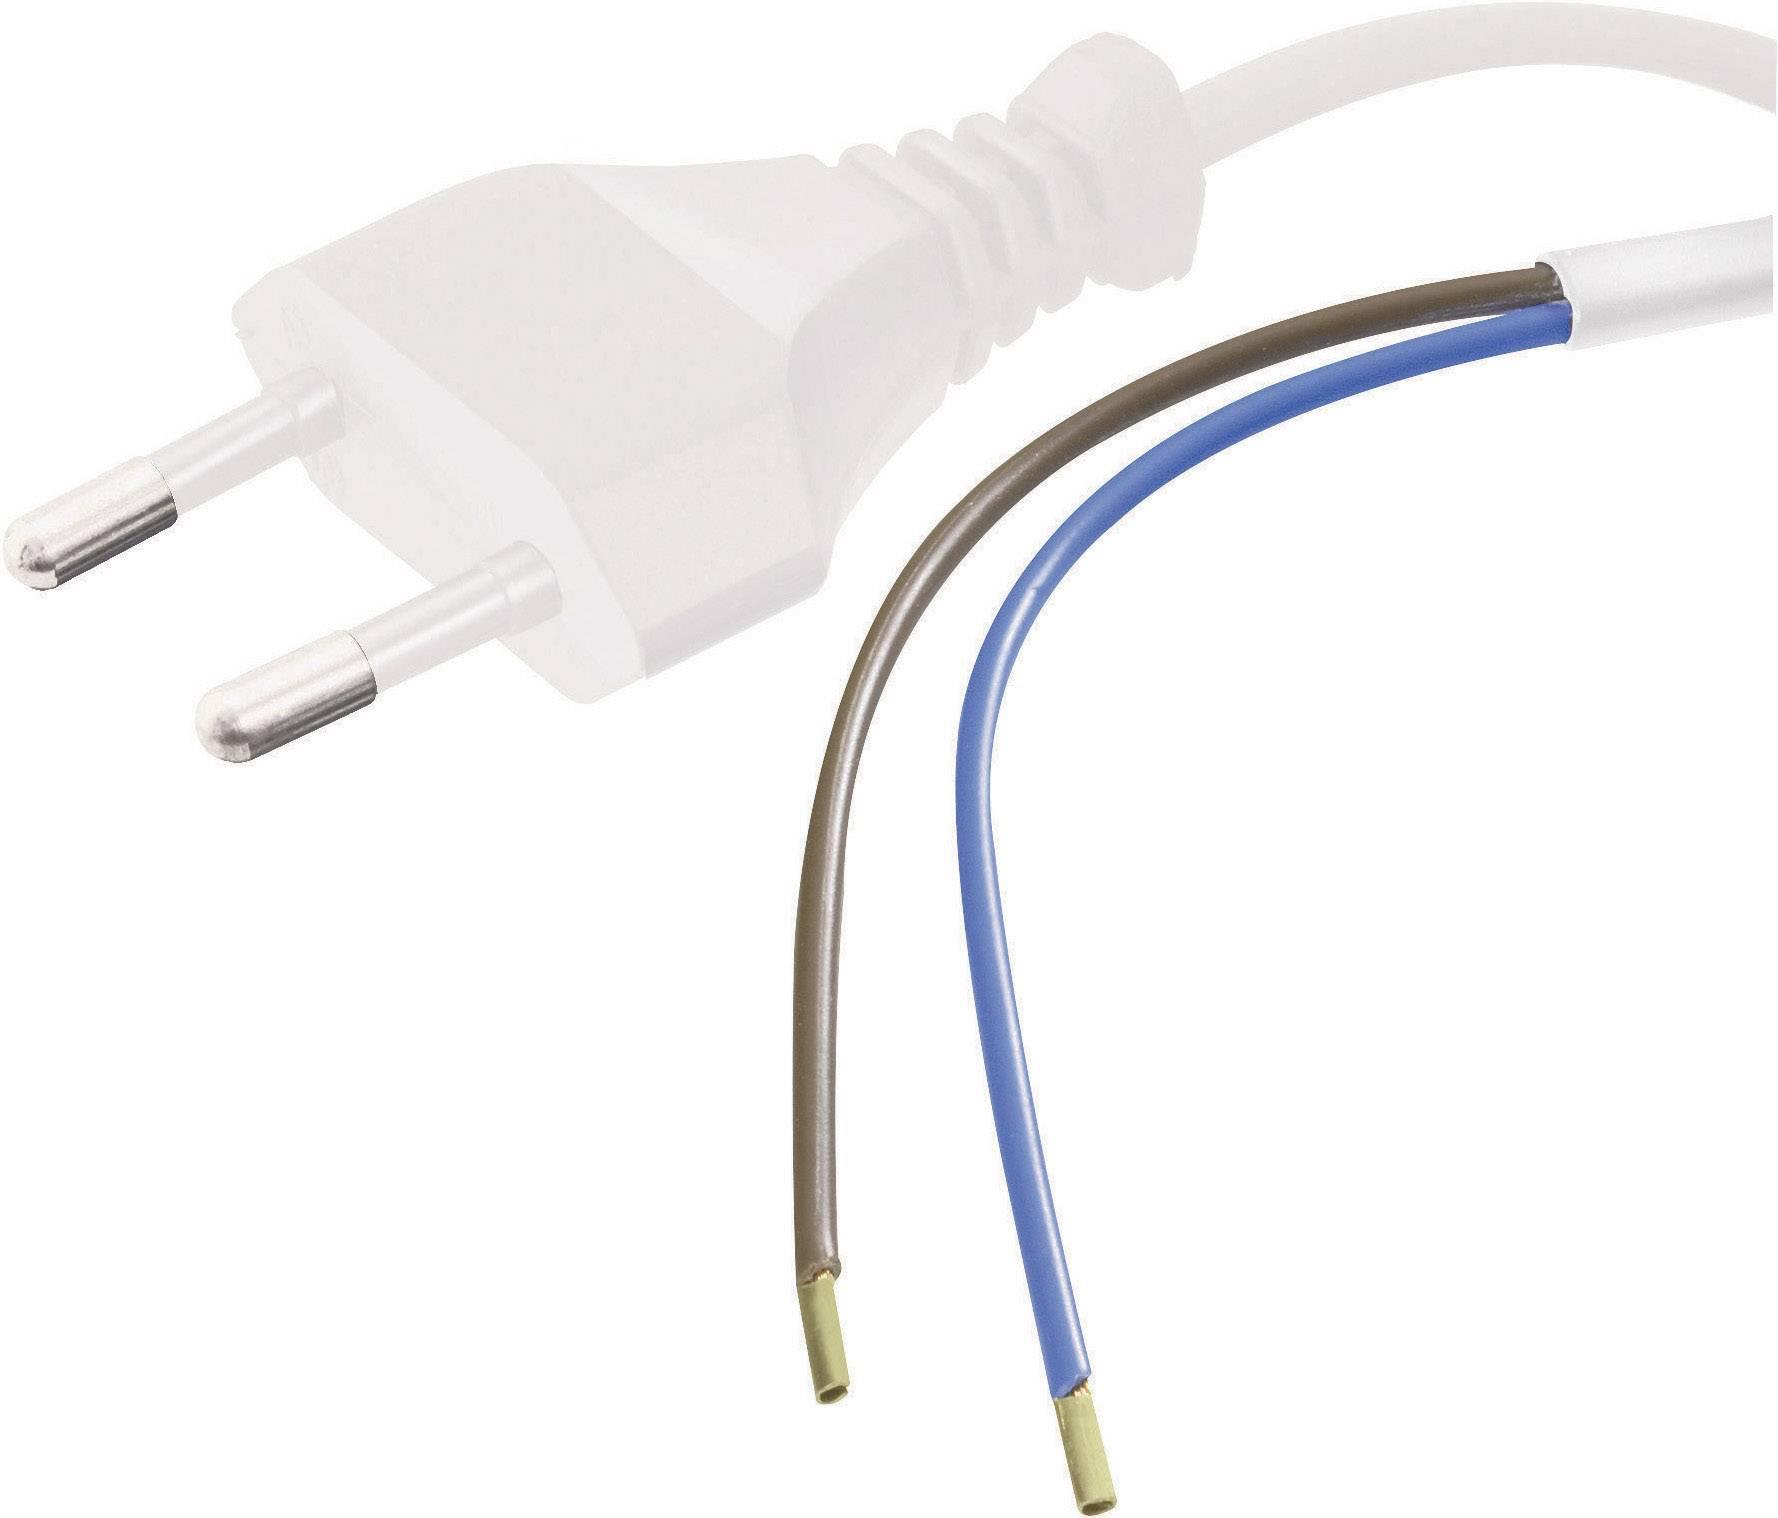 Síťový kabel Hawa, zástrčka/otevřený konec, 0,75 mm², 1,5 m, bílá, 1008201